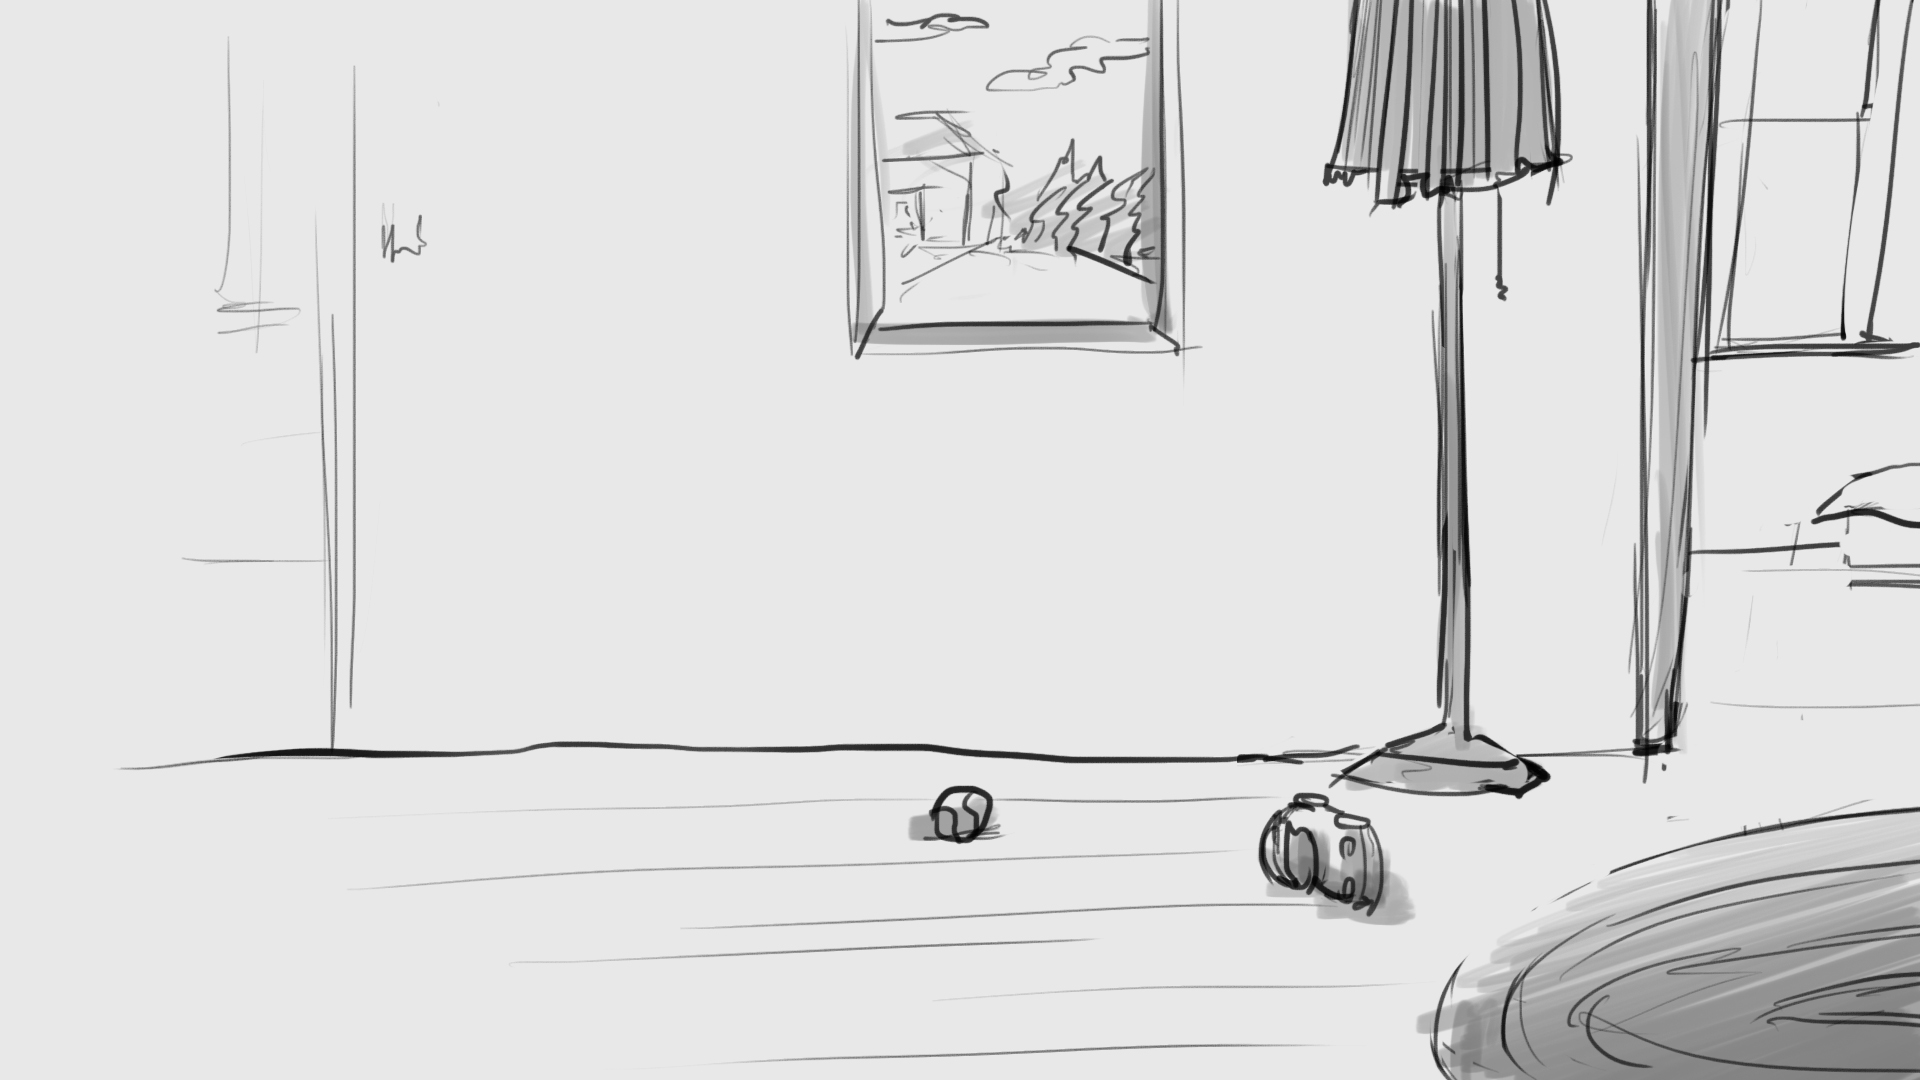 Rocket_Man_Storyboard_Artboard 1.jpg